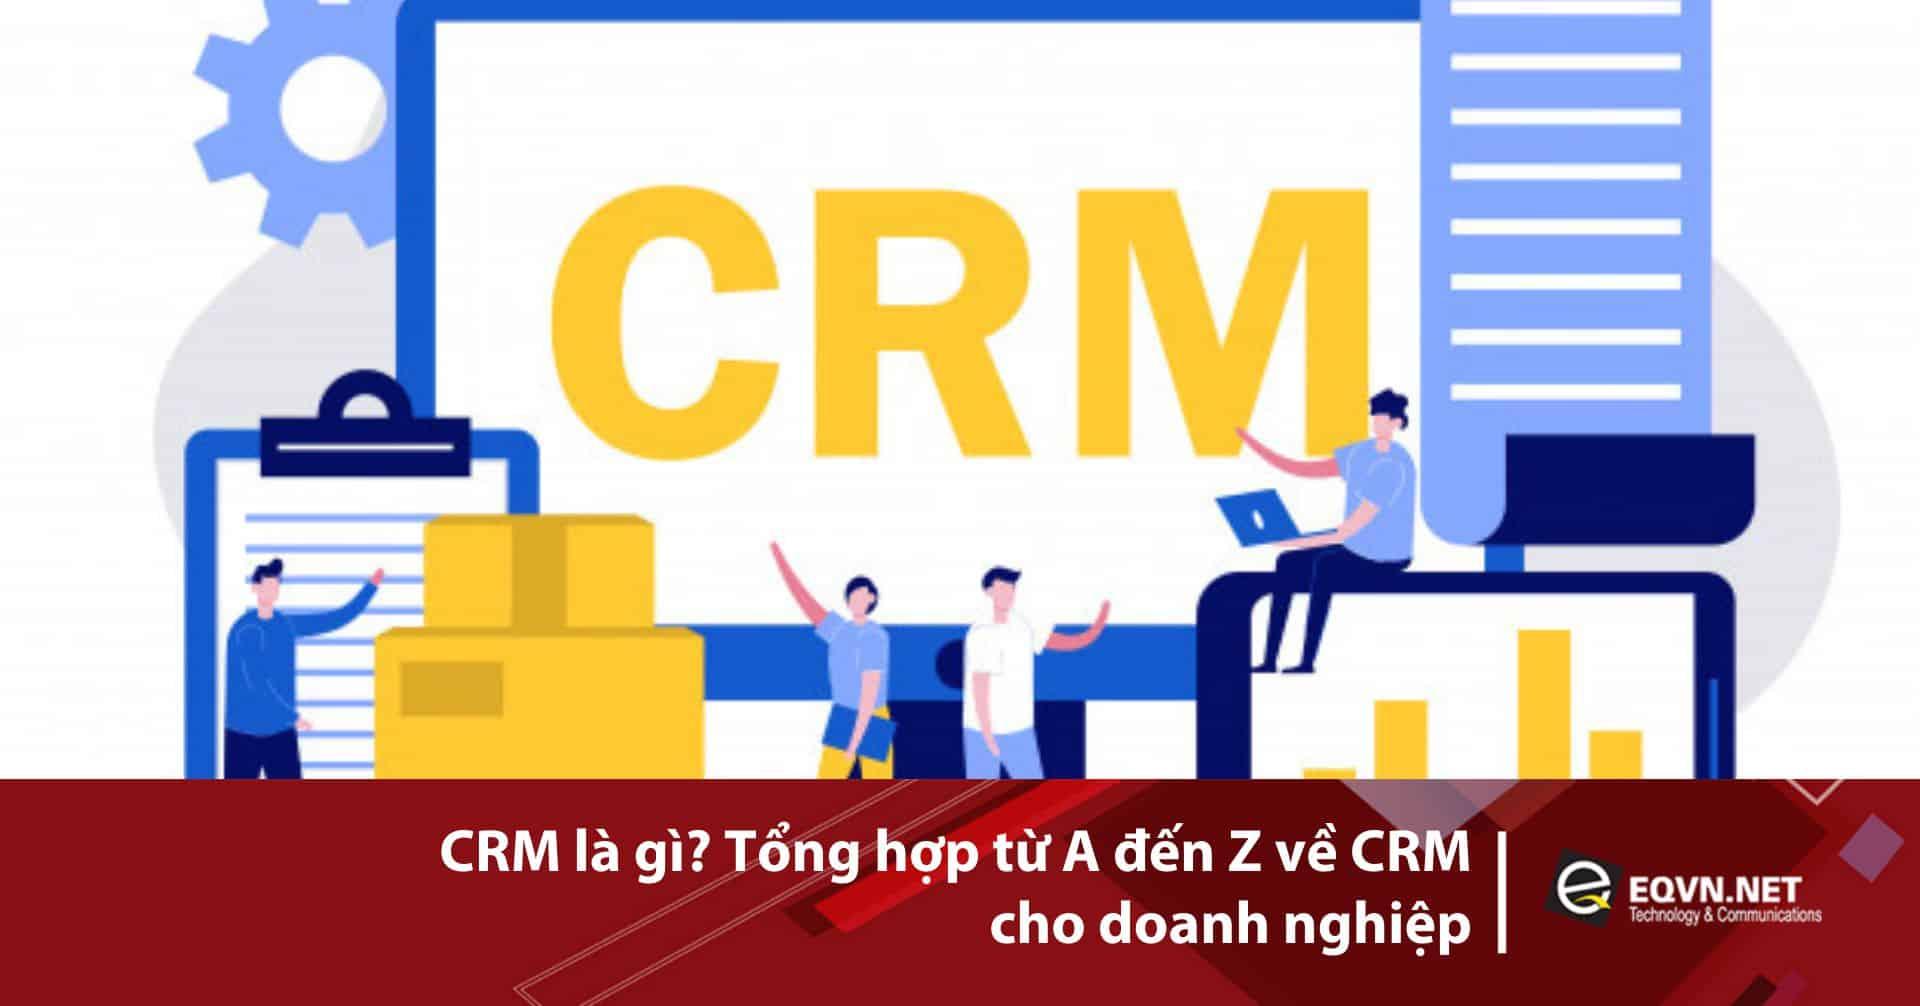 CRM là gì, crm la gi, CRM, phần mềm quản lý, mô hình crm